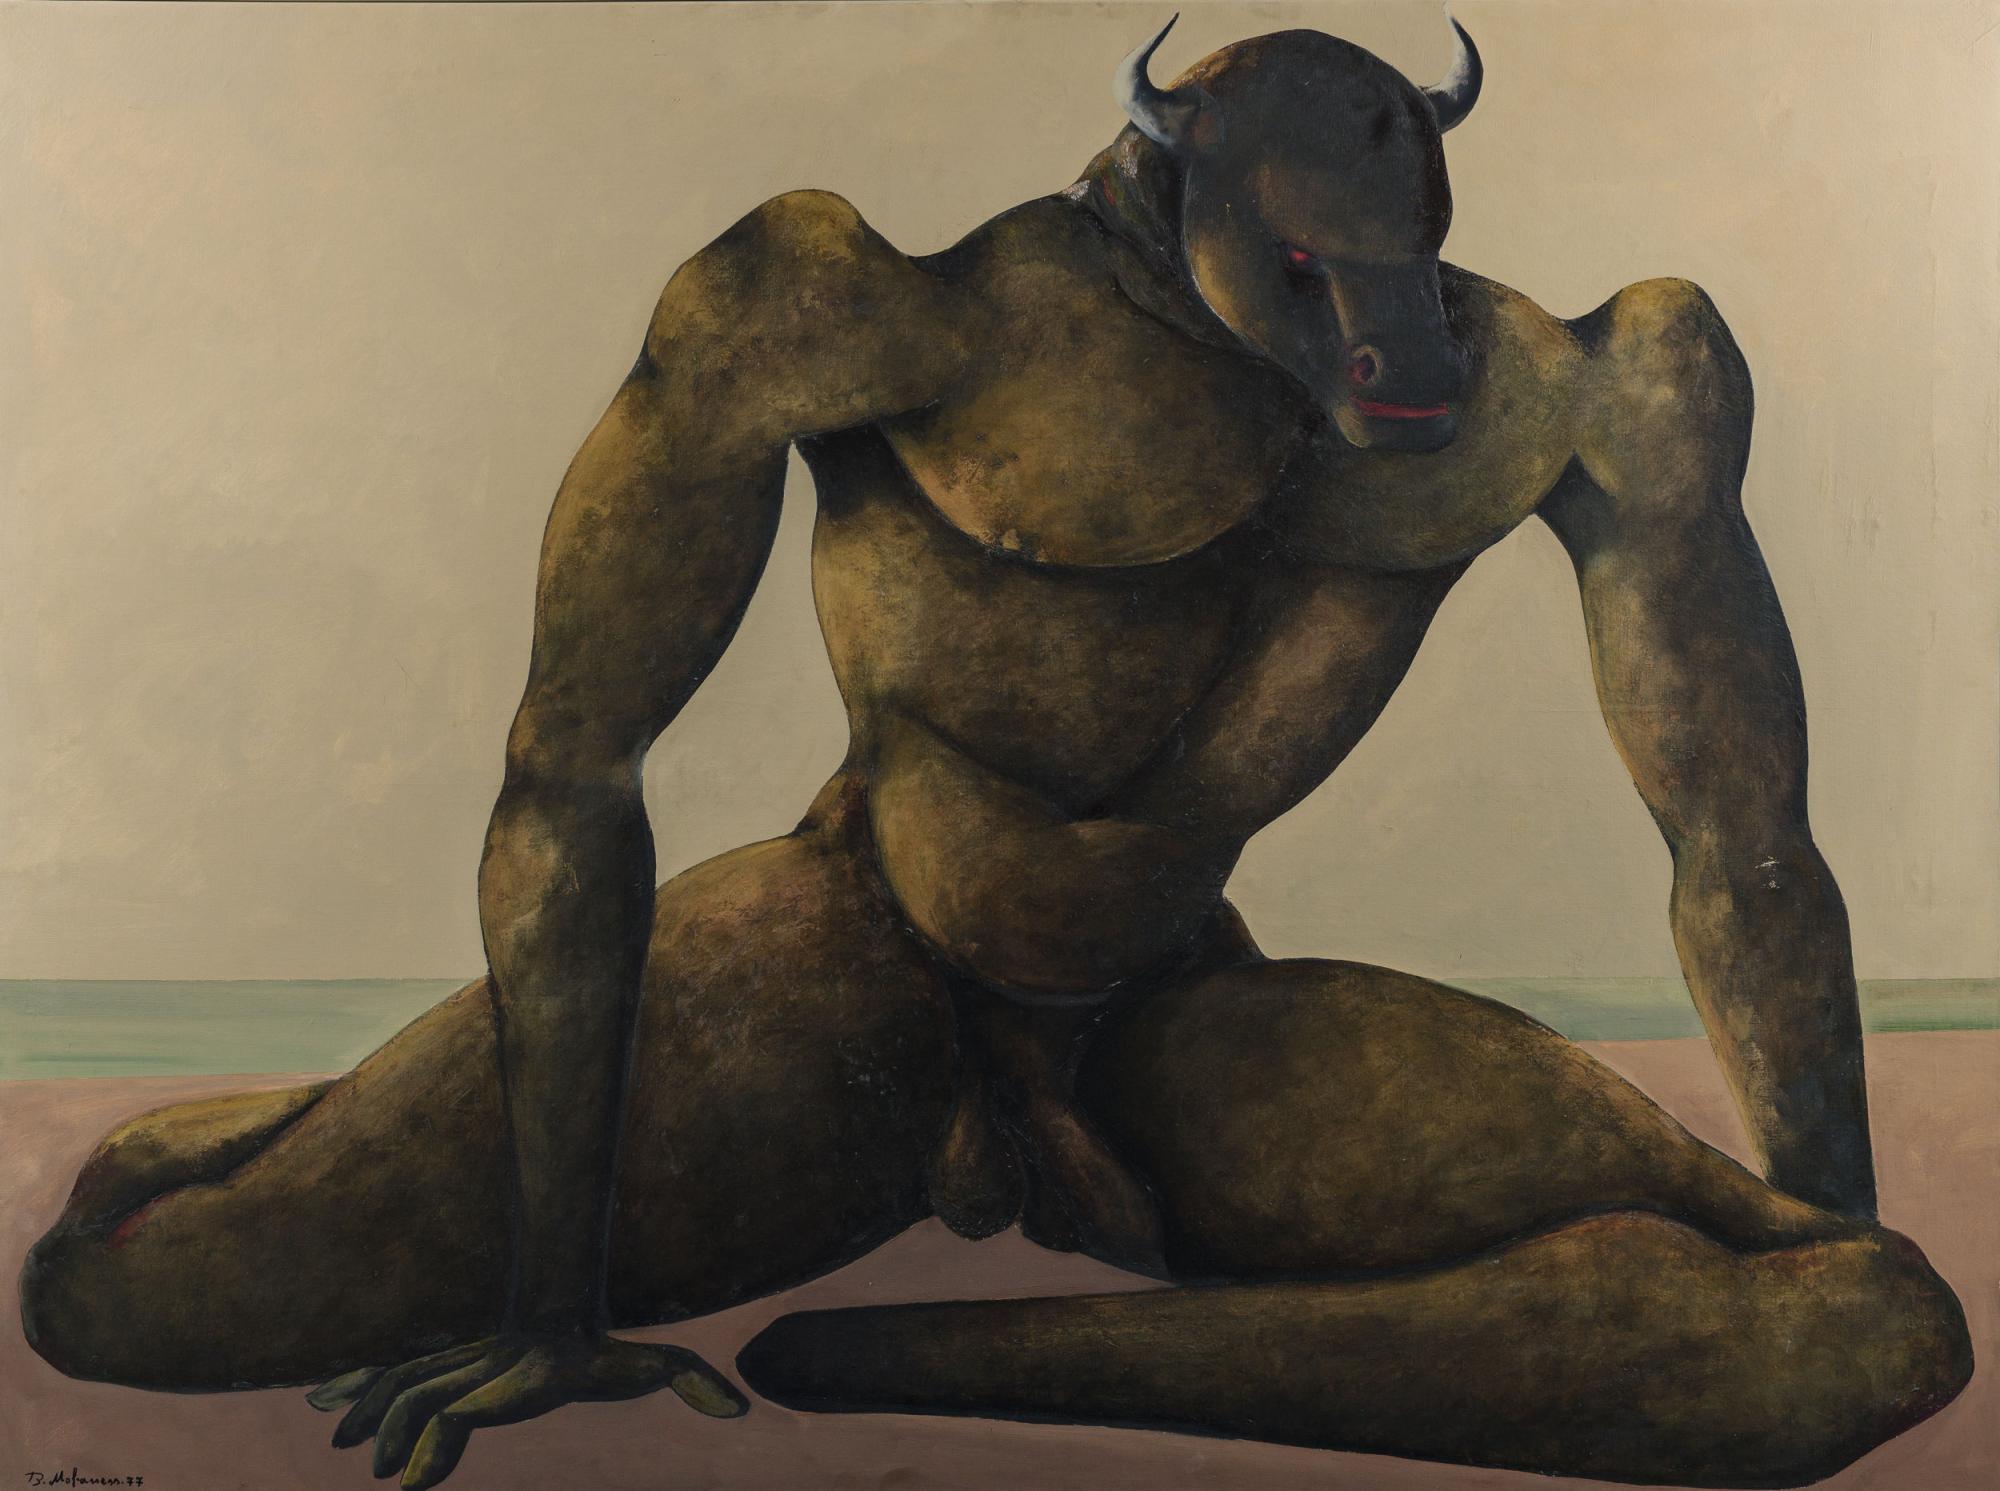 Lot-108,-Bahman-Mohasses,-Minotauro-sulla-riva-del-Mare,-1977,-oil-on-canvas-(est.jpg